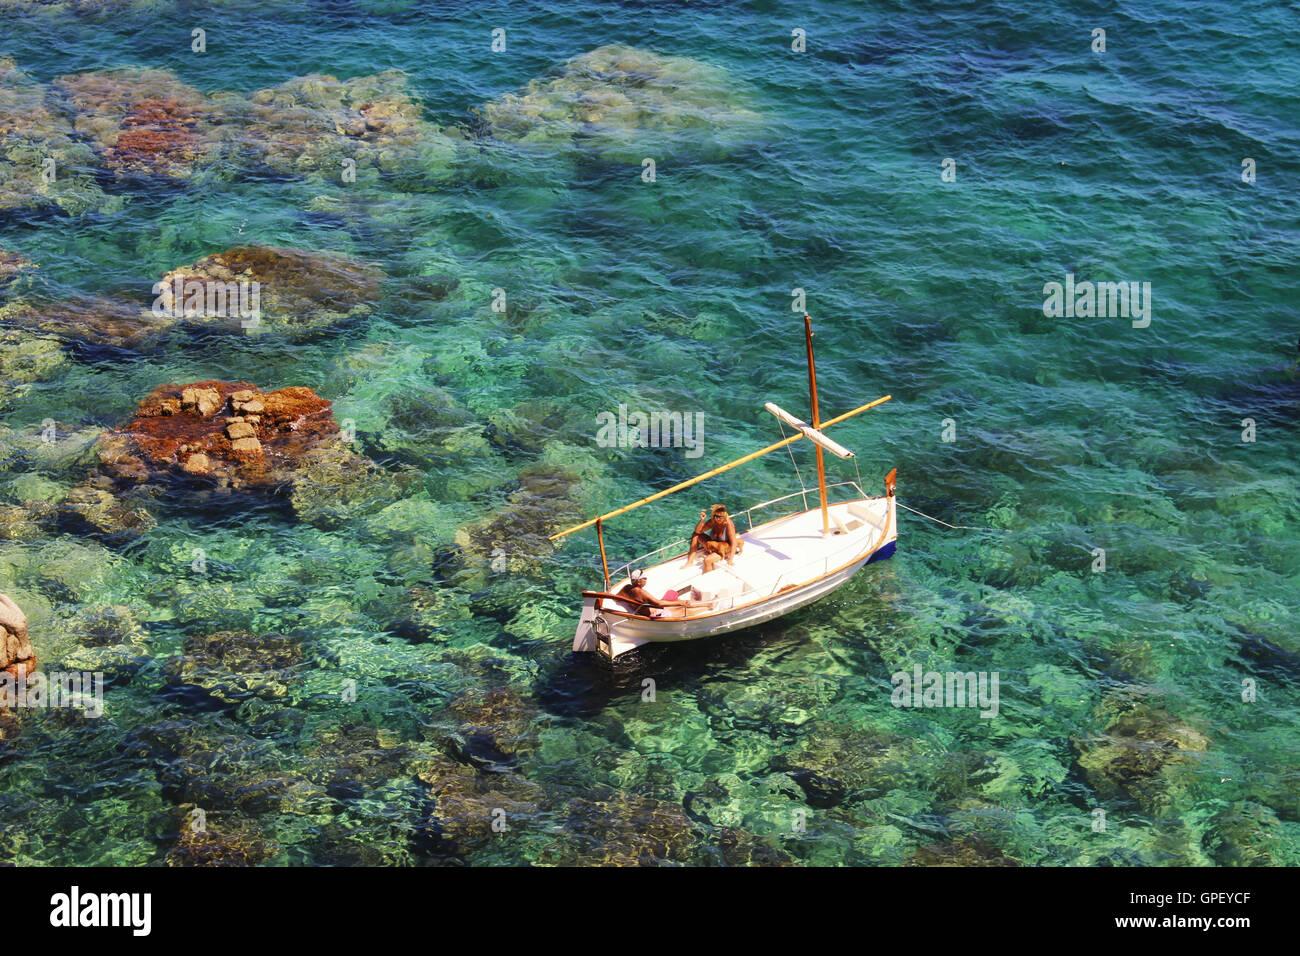 Girona, Espagne - 14 août 2016: Les personnes qui prennent le soleil sur un bateau sur la mer Méditerranée Photo Stock